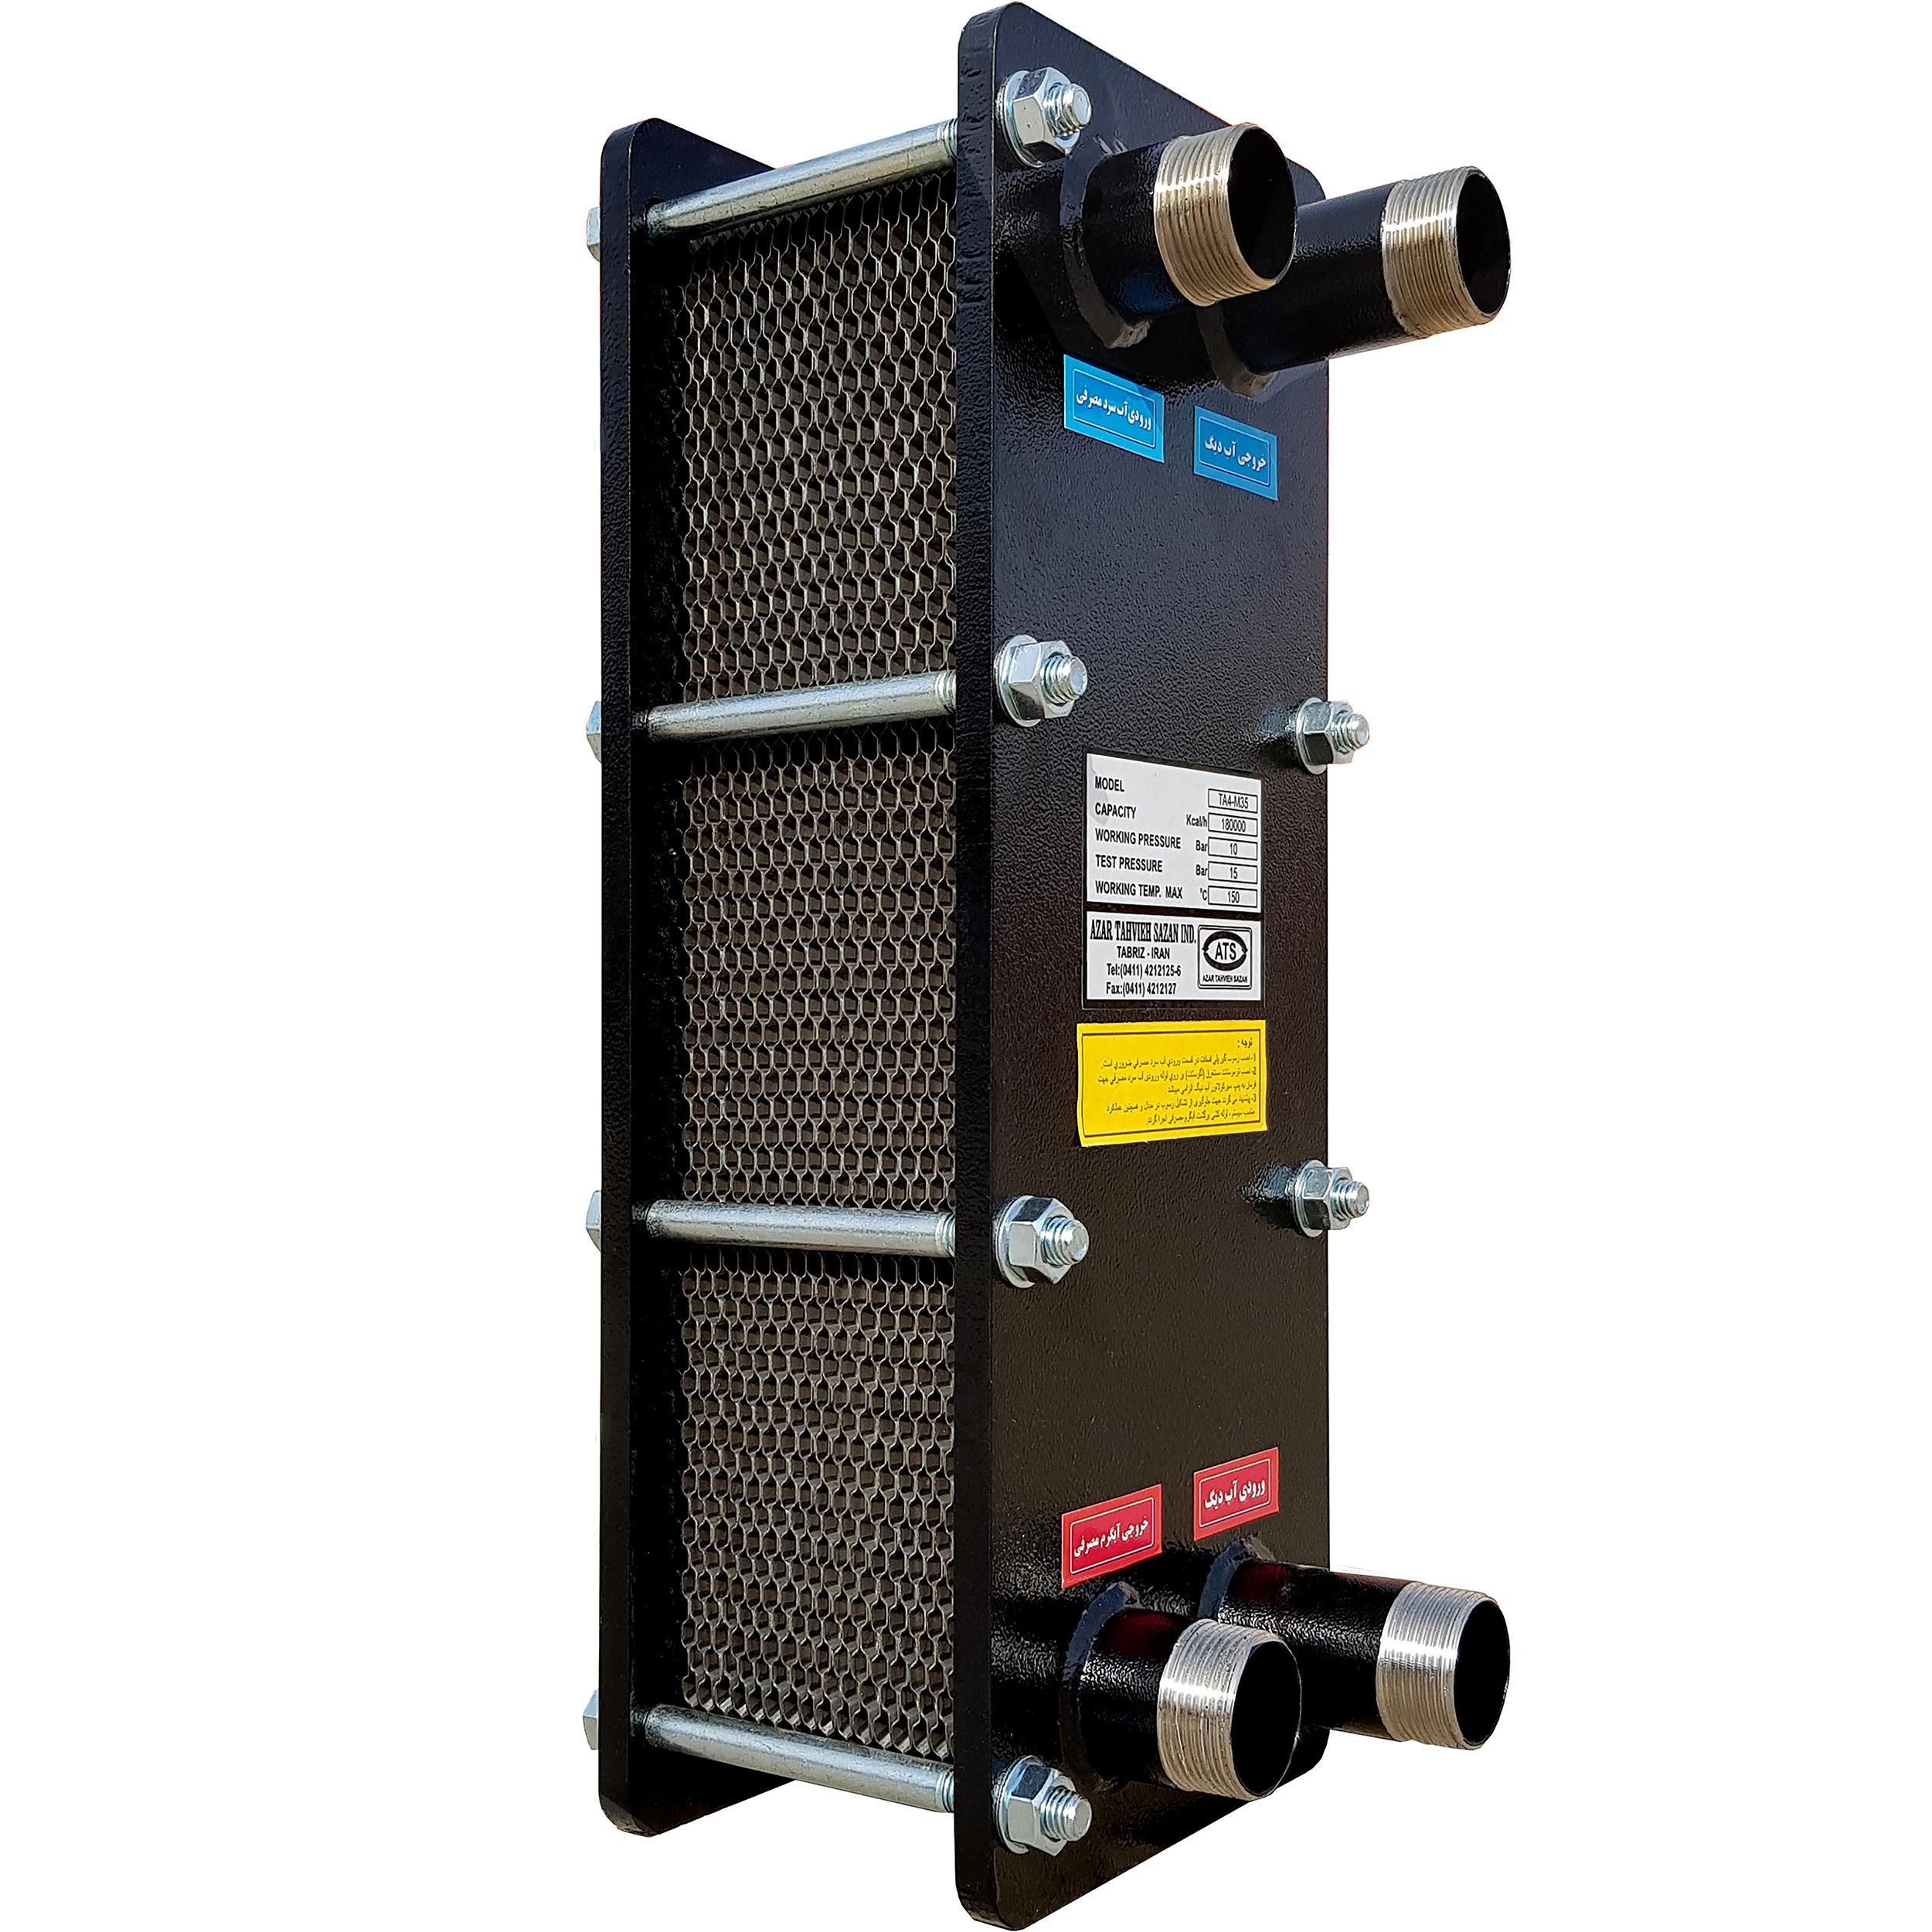 مبدل حرارتی صفحه ای آذرتهویه سازان مدل TA4-M35